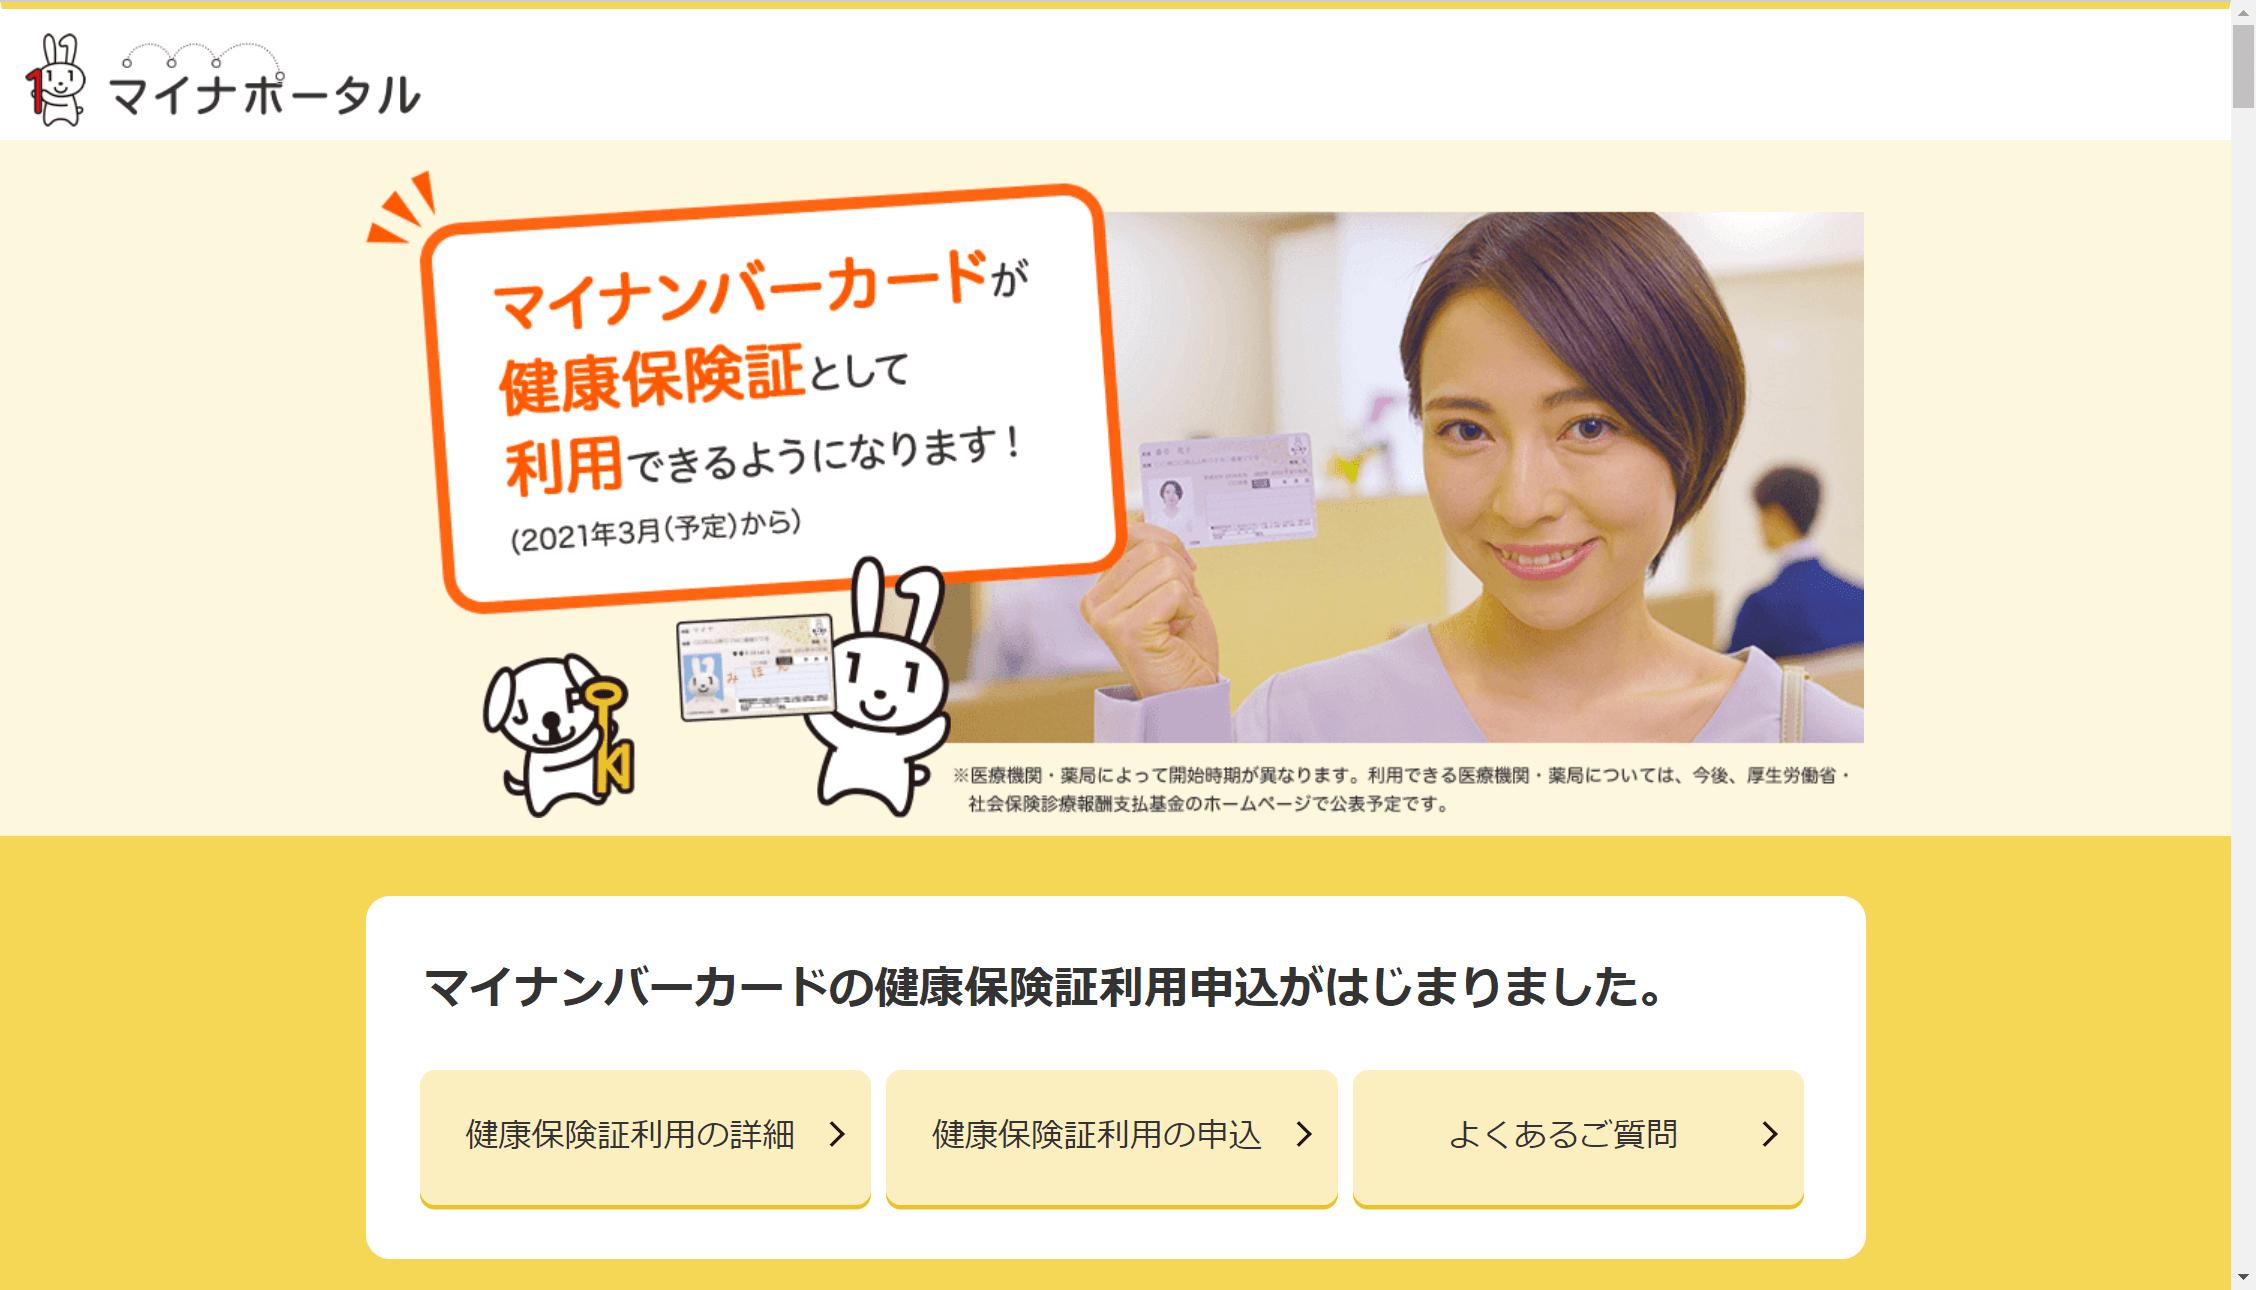 マイナンバーカードを健康保険証として利用する申込受付を開始